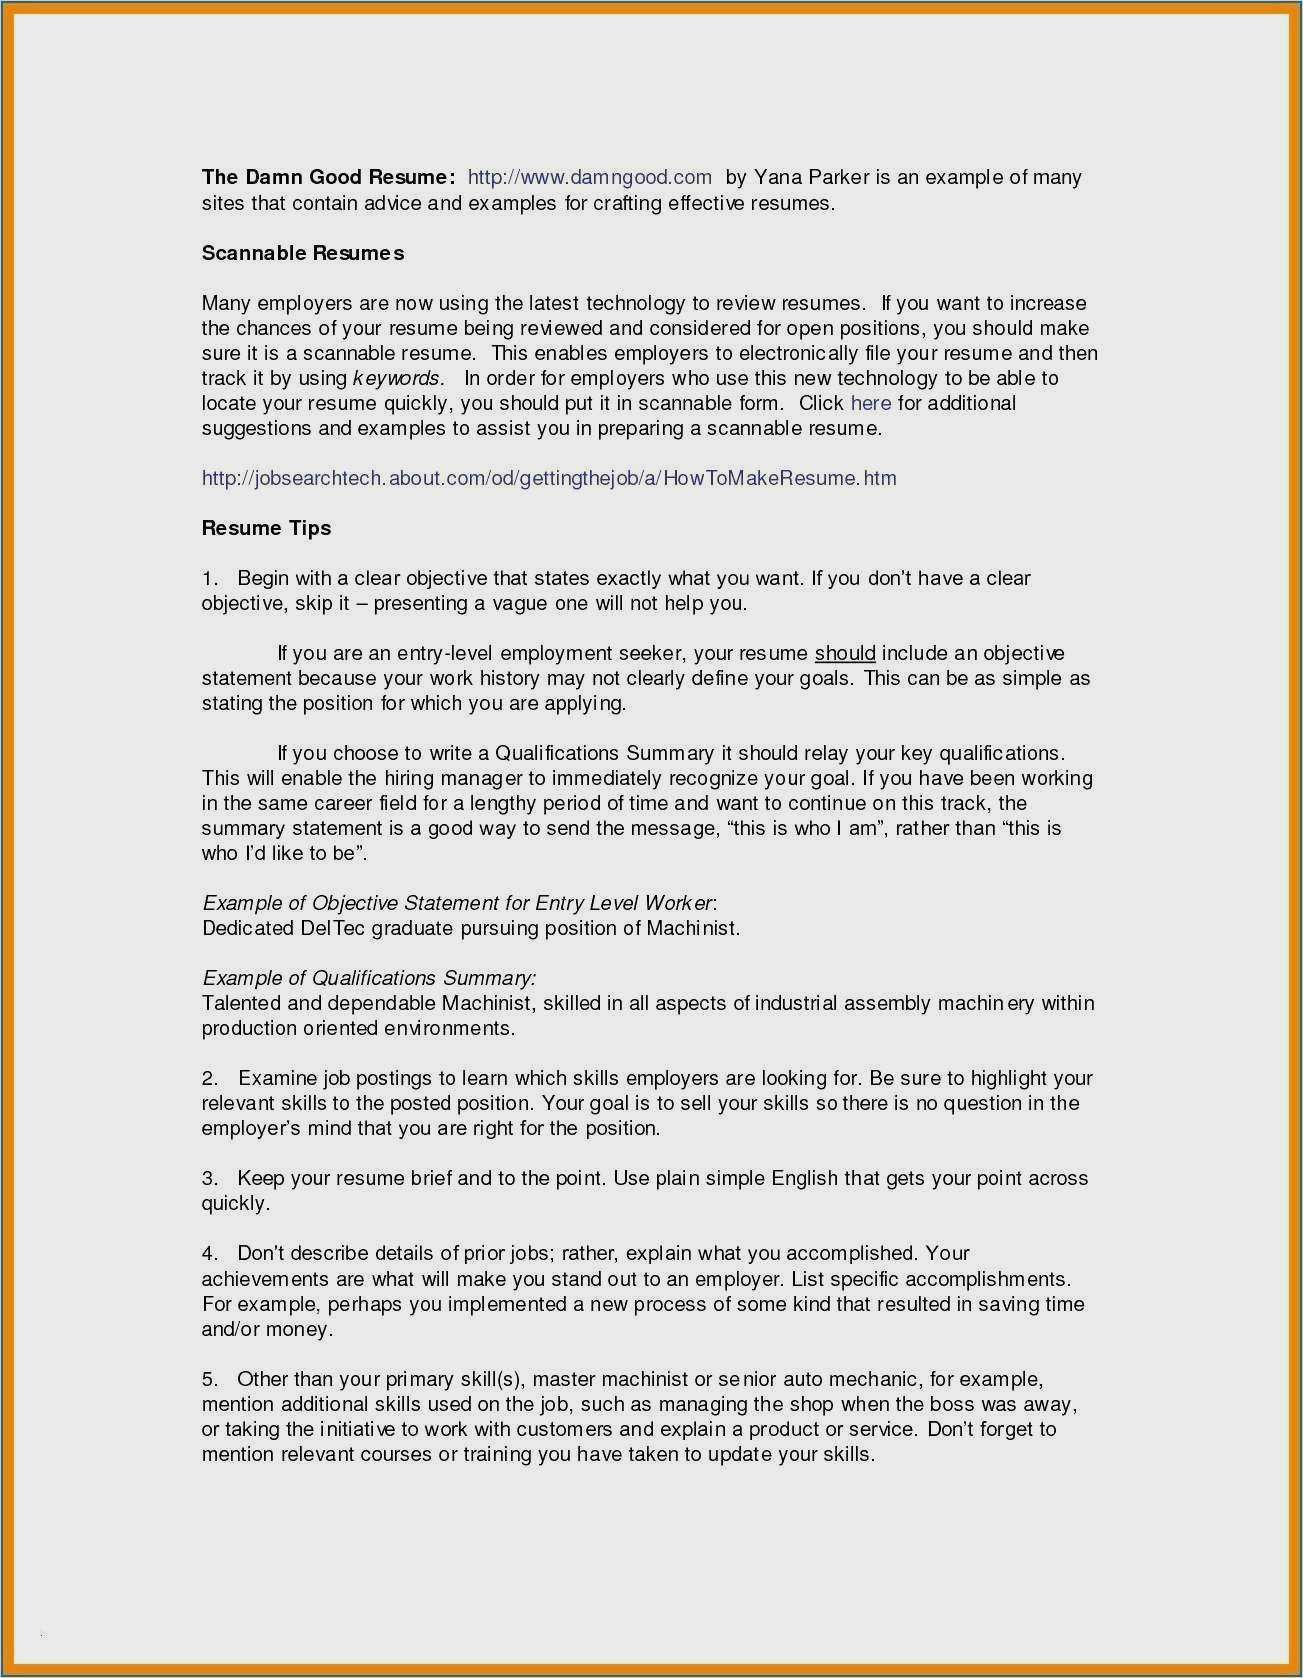 Schonste Vorlage Bewerbung Ausbildung Gesundheits Und Krankenpflegerin Praktisch Ebendiese Ko In 2020 Coole Lebenslaufe Lebenslauf Fahigkeiten Lebenslauf